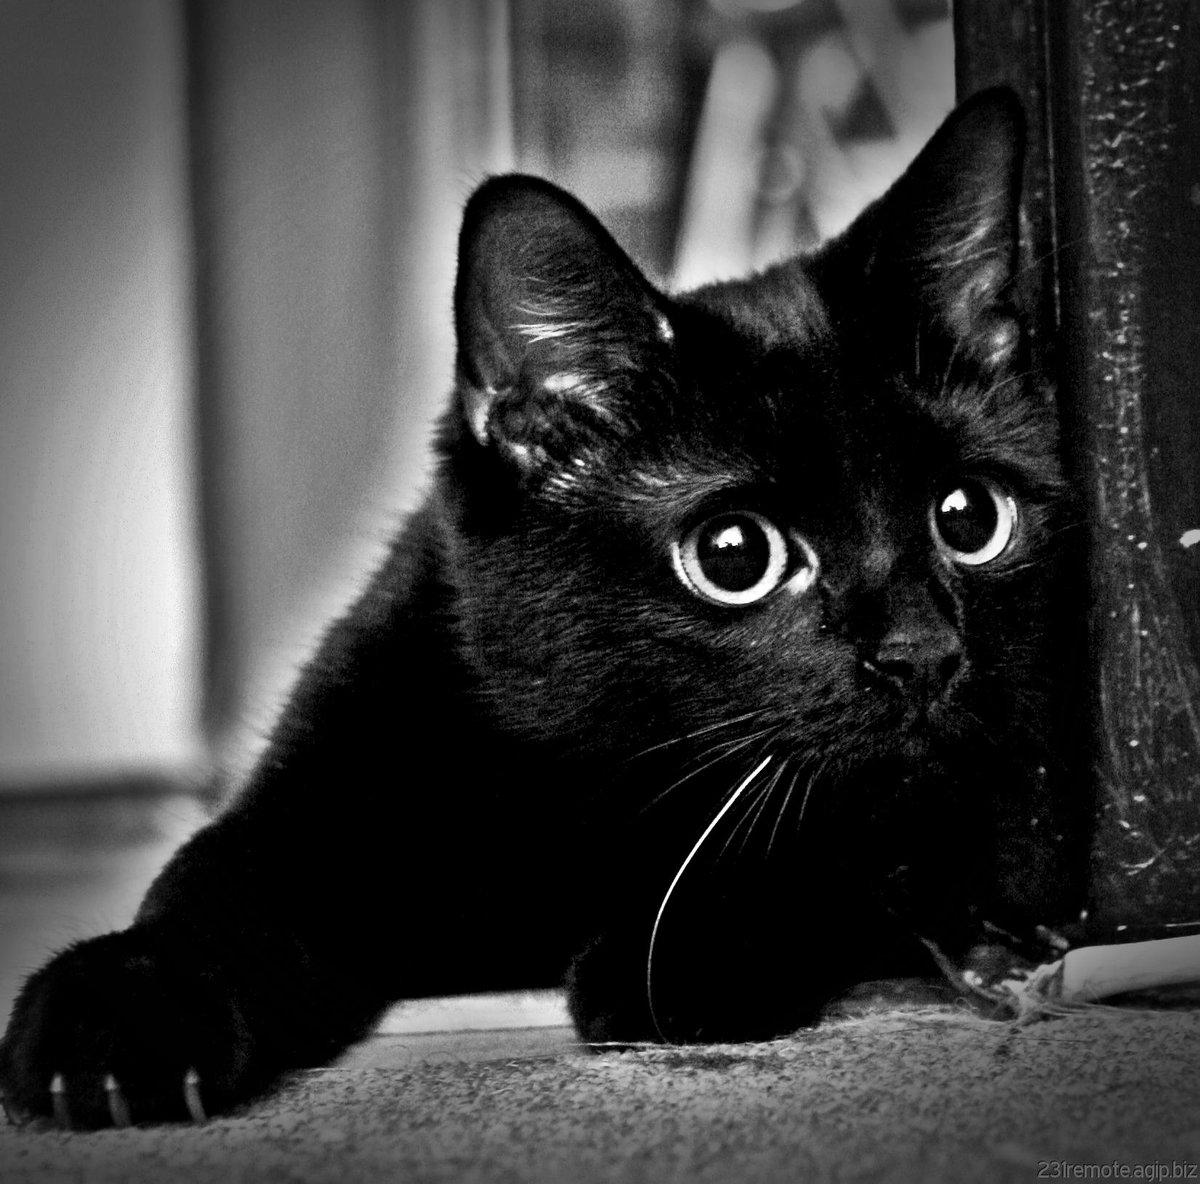 Картинка черный кот с надписью, перевести английский